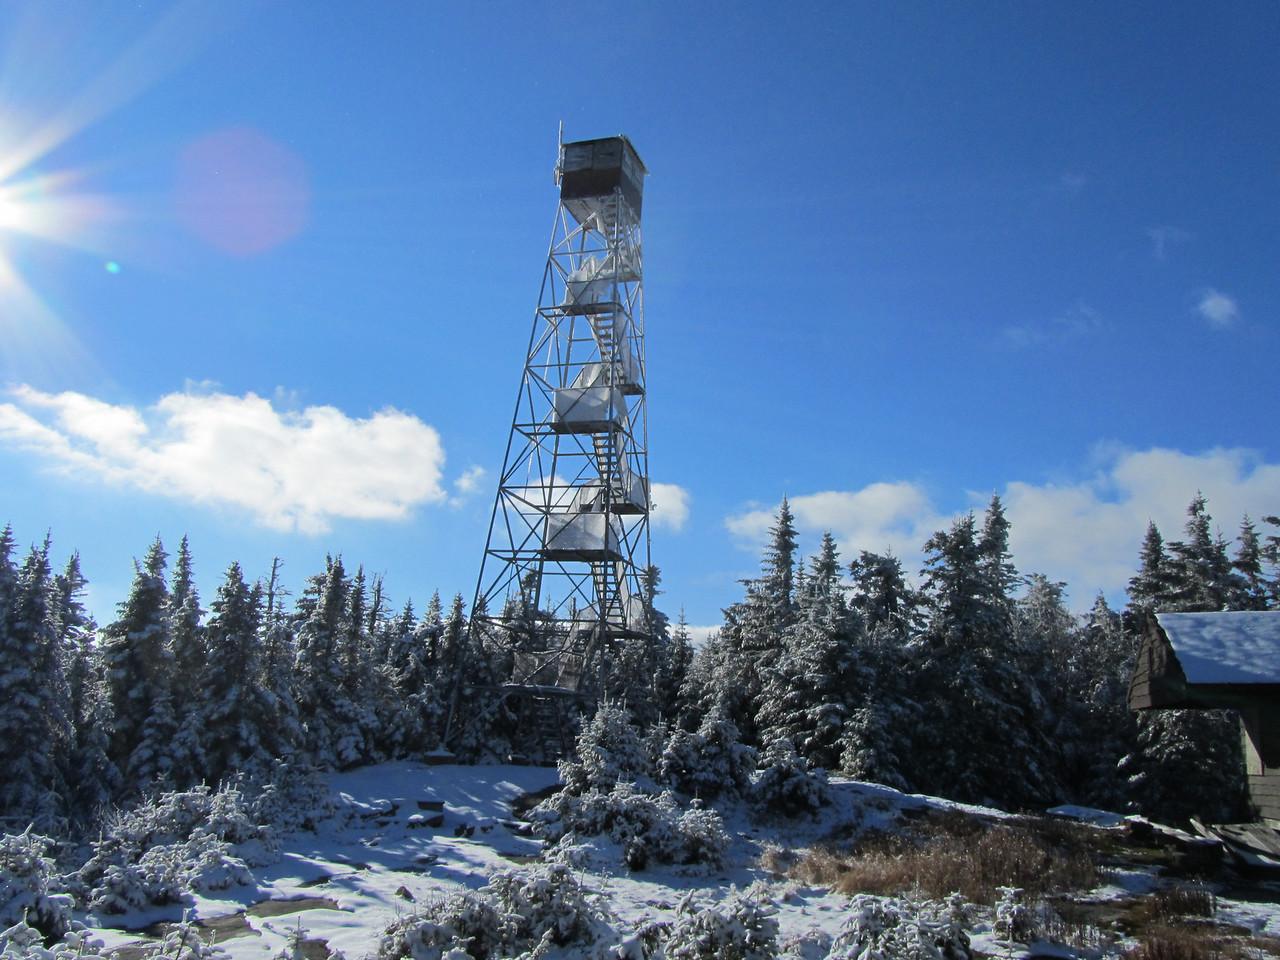 Pillsbury Mountain fire tower and ranger cabin.